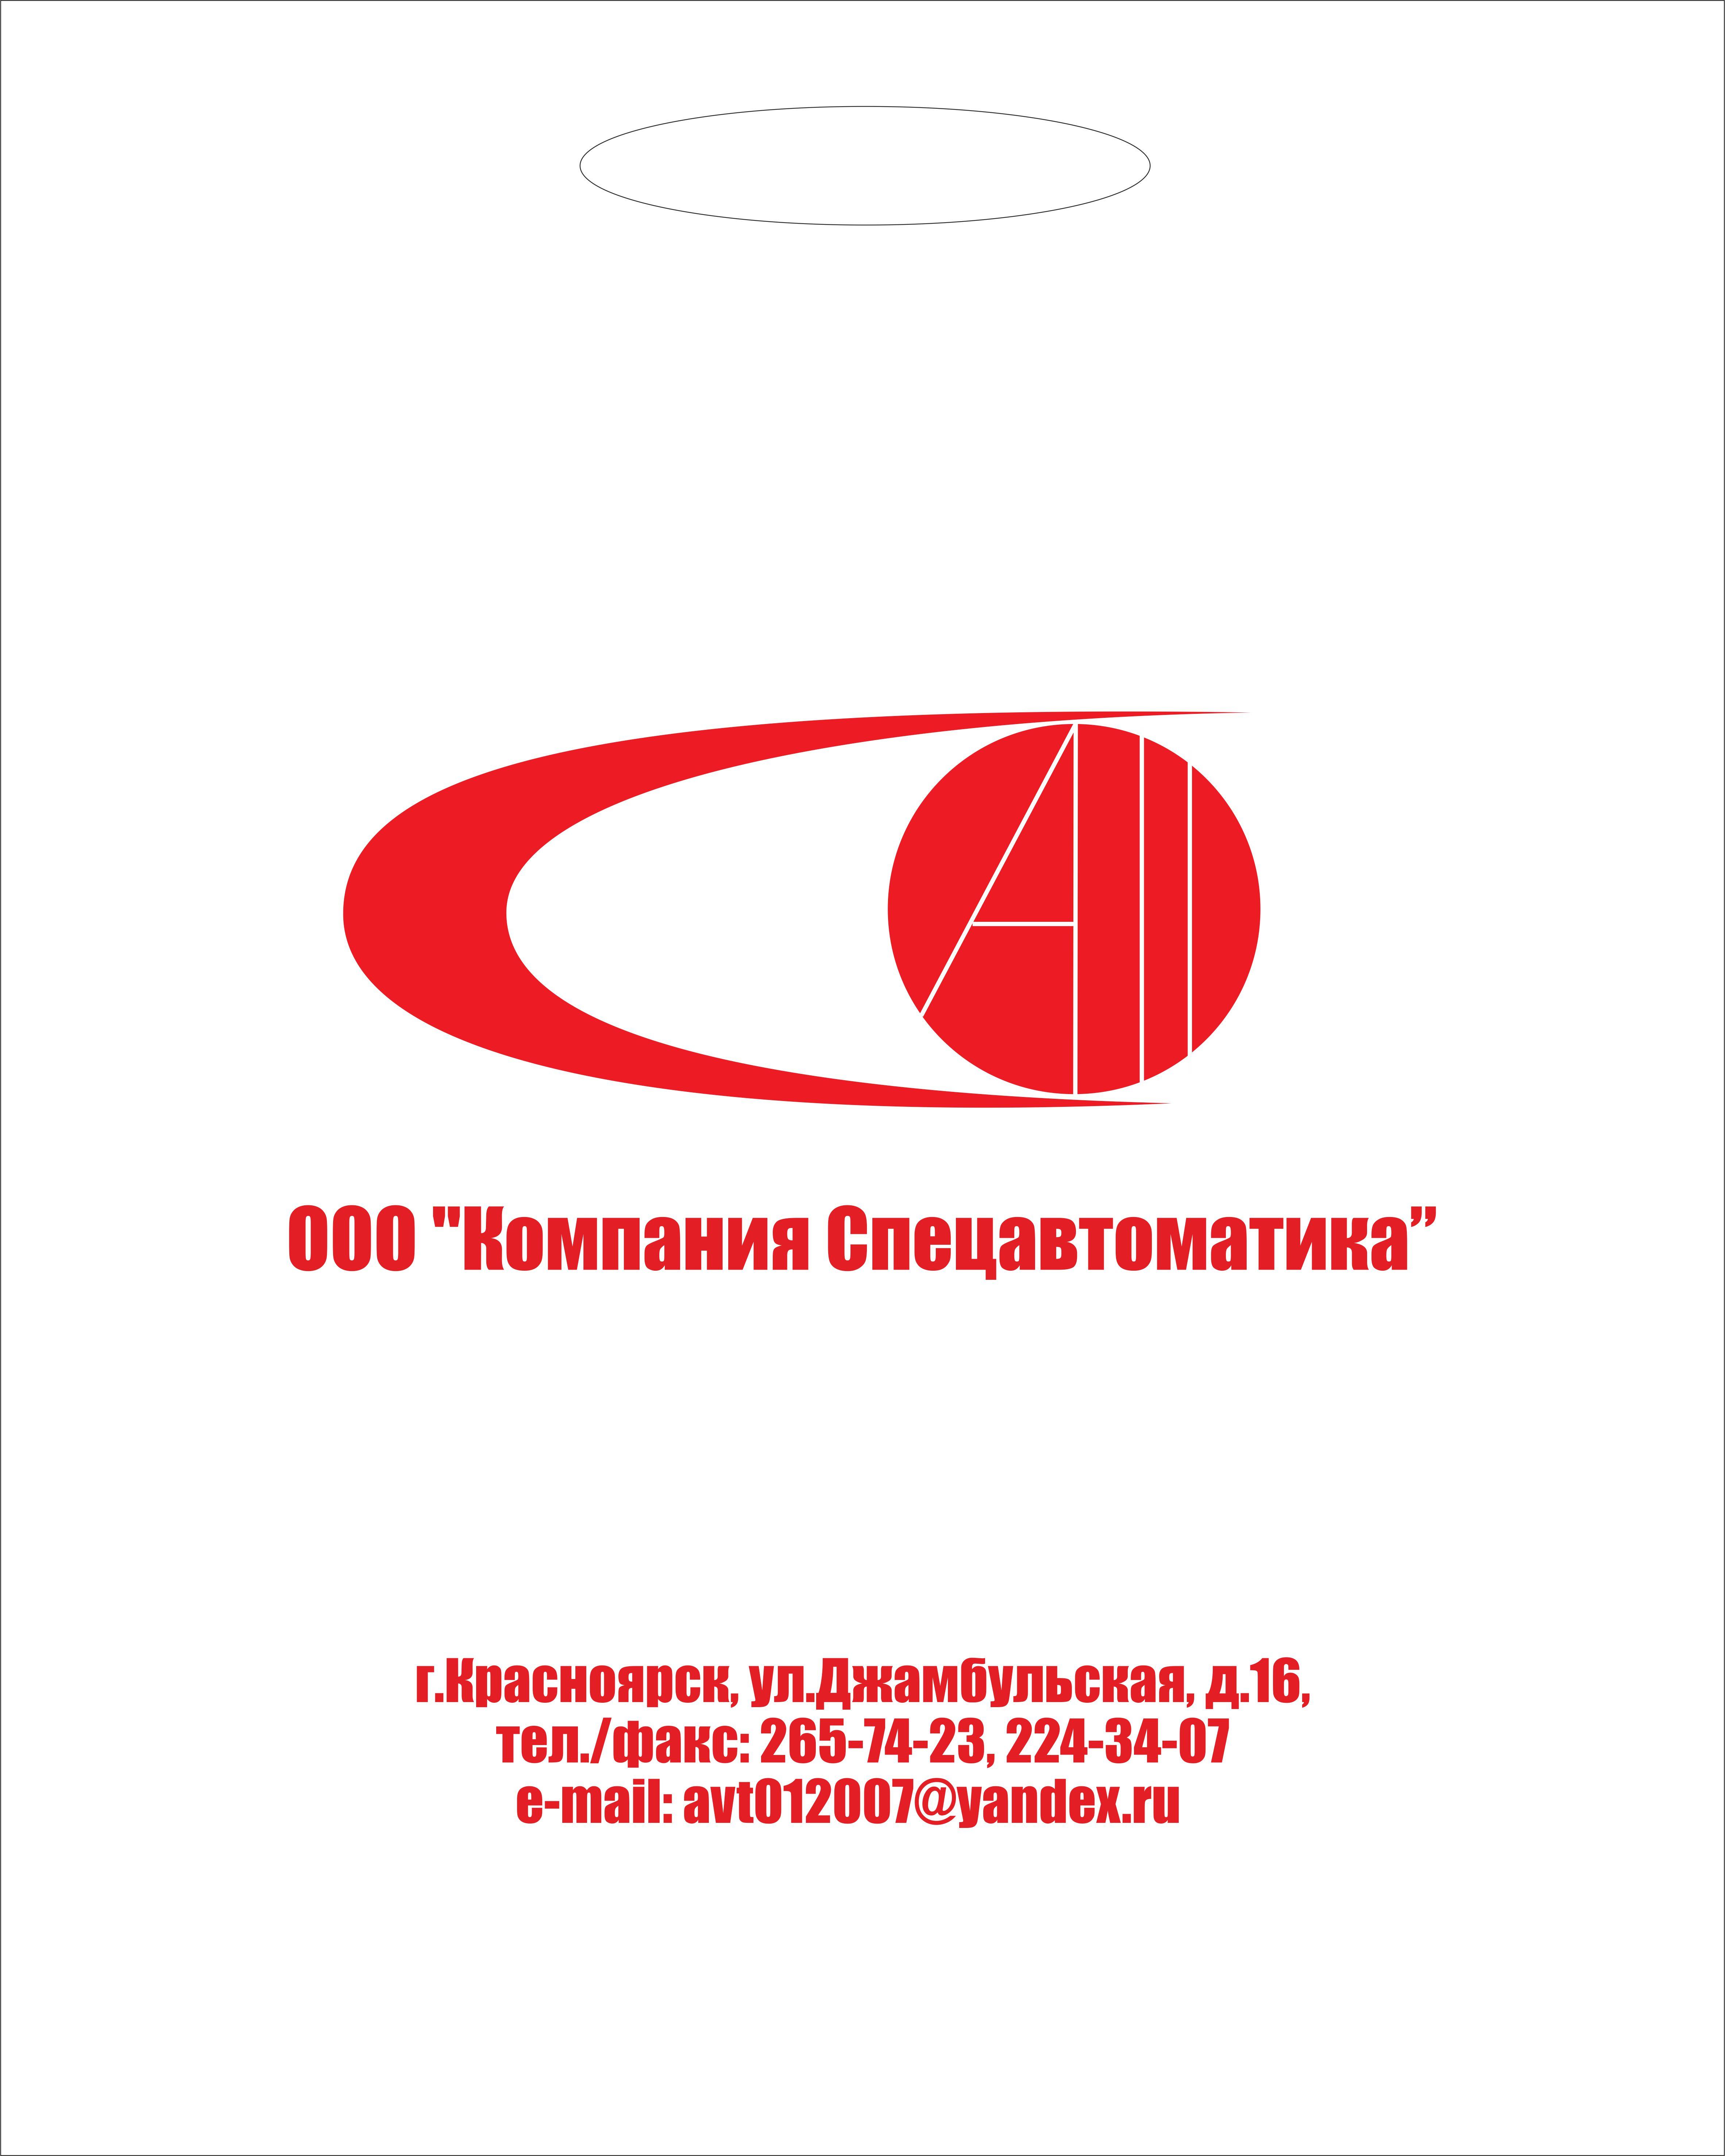 www.avt2007.ru